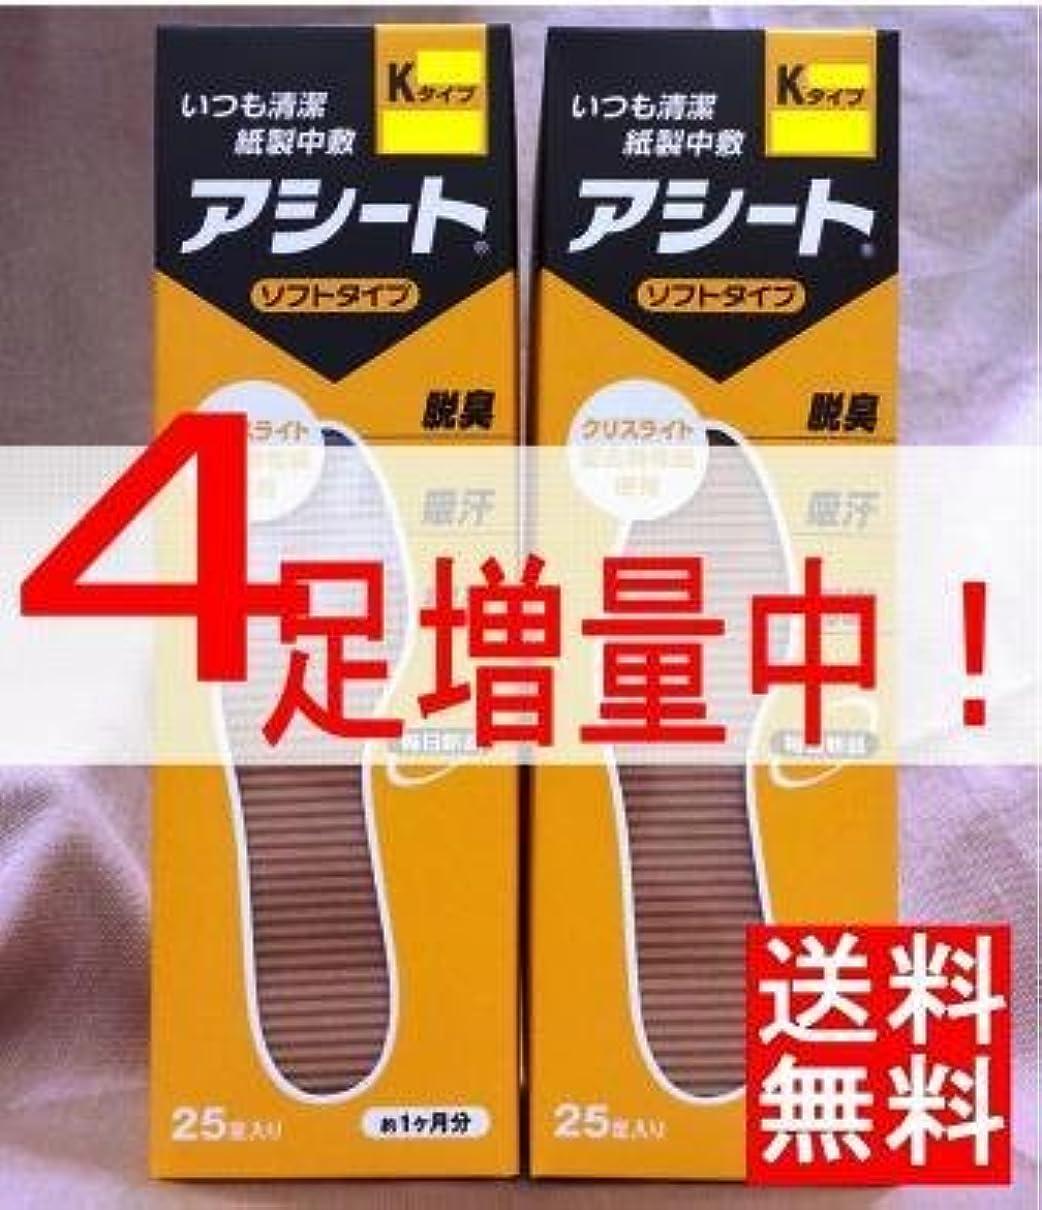 警察署詐欺師最小アシートK(サイズ27cm)×2箱セット(4足増量中)